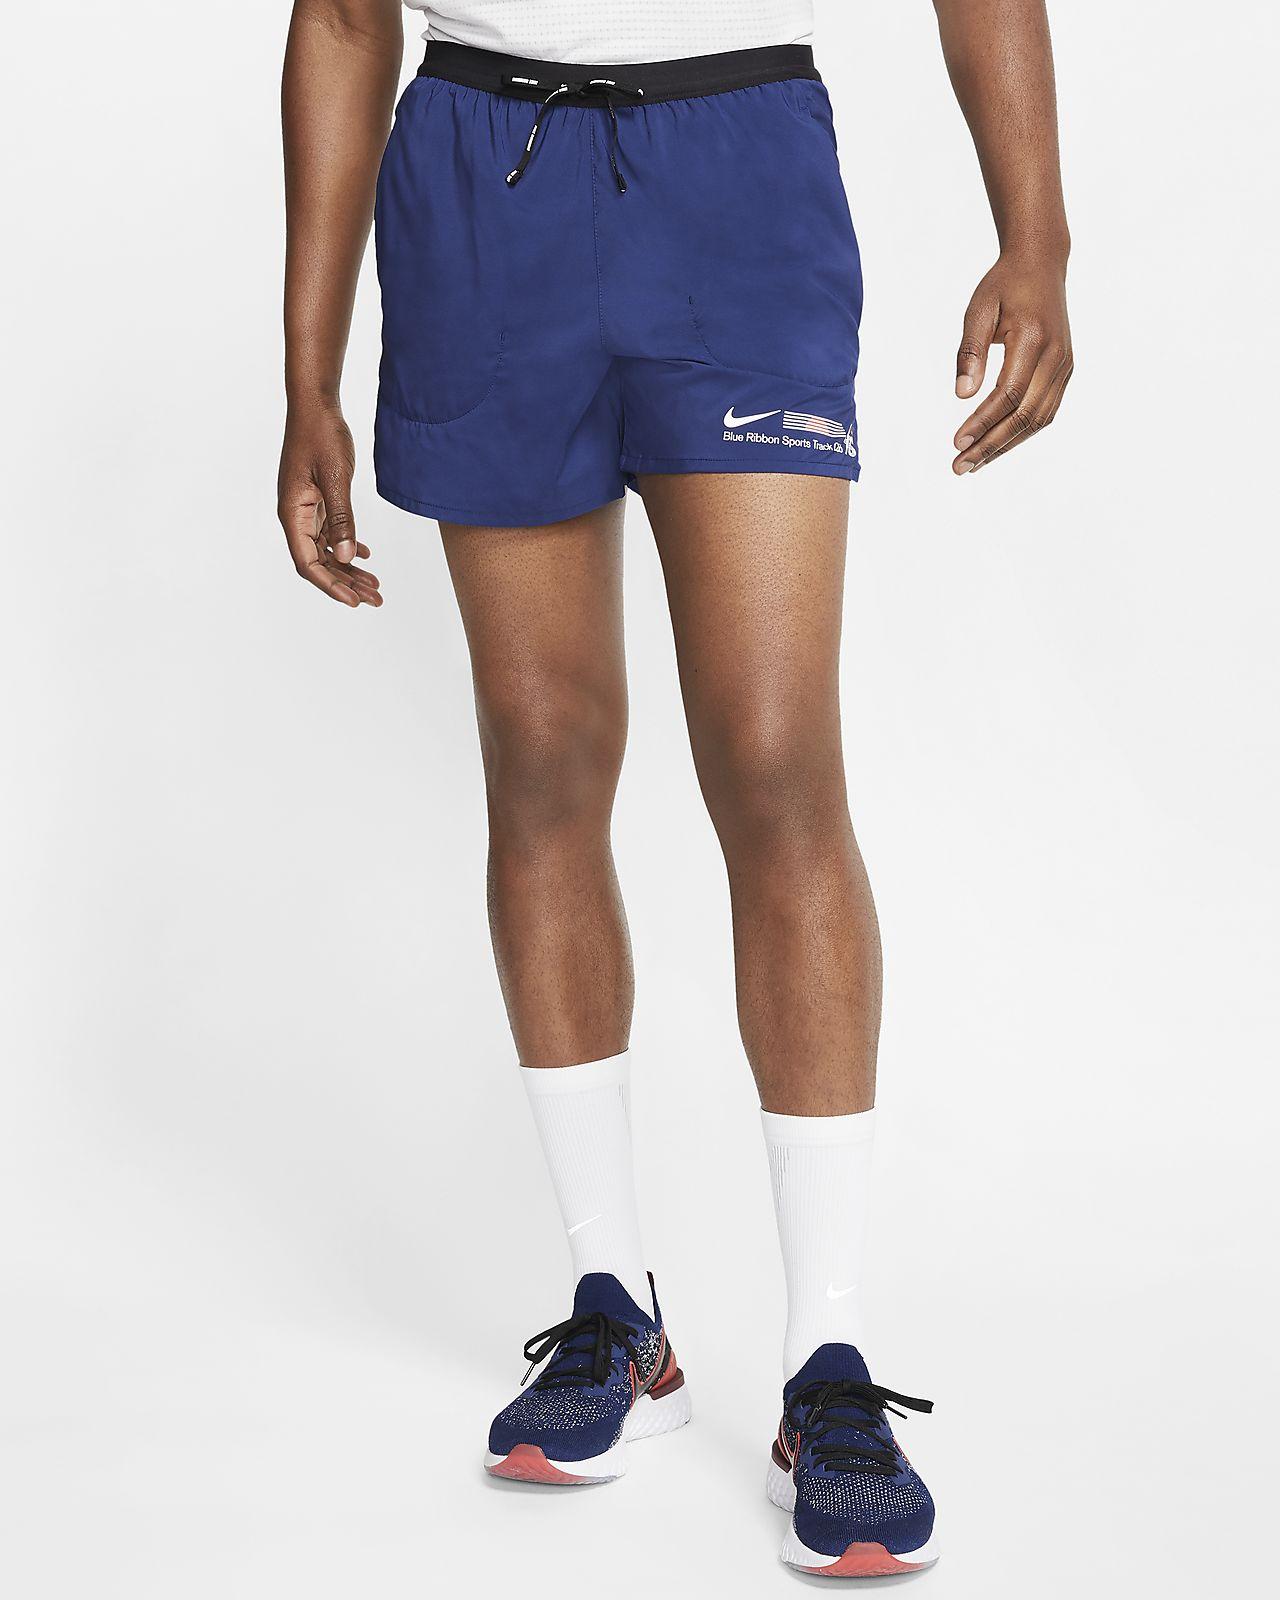 Мужские беговые шорты с подкладкой Nike Flex Stride Blue Ribbon Sports 13 см